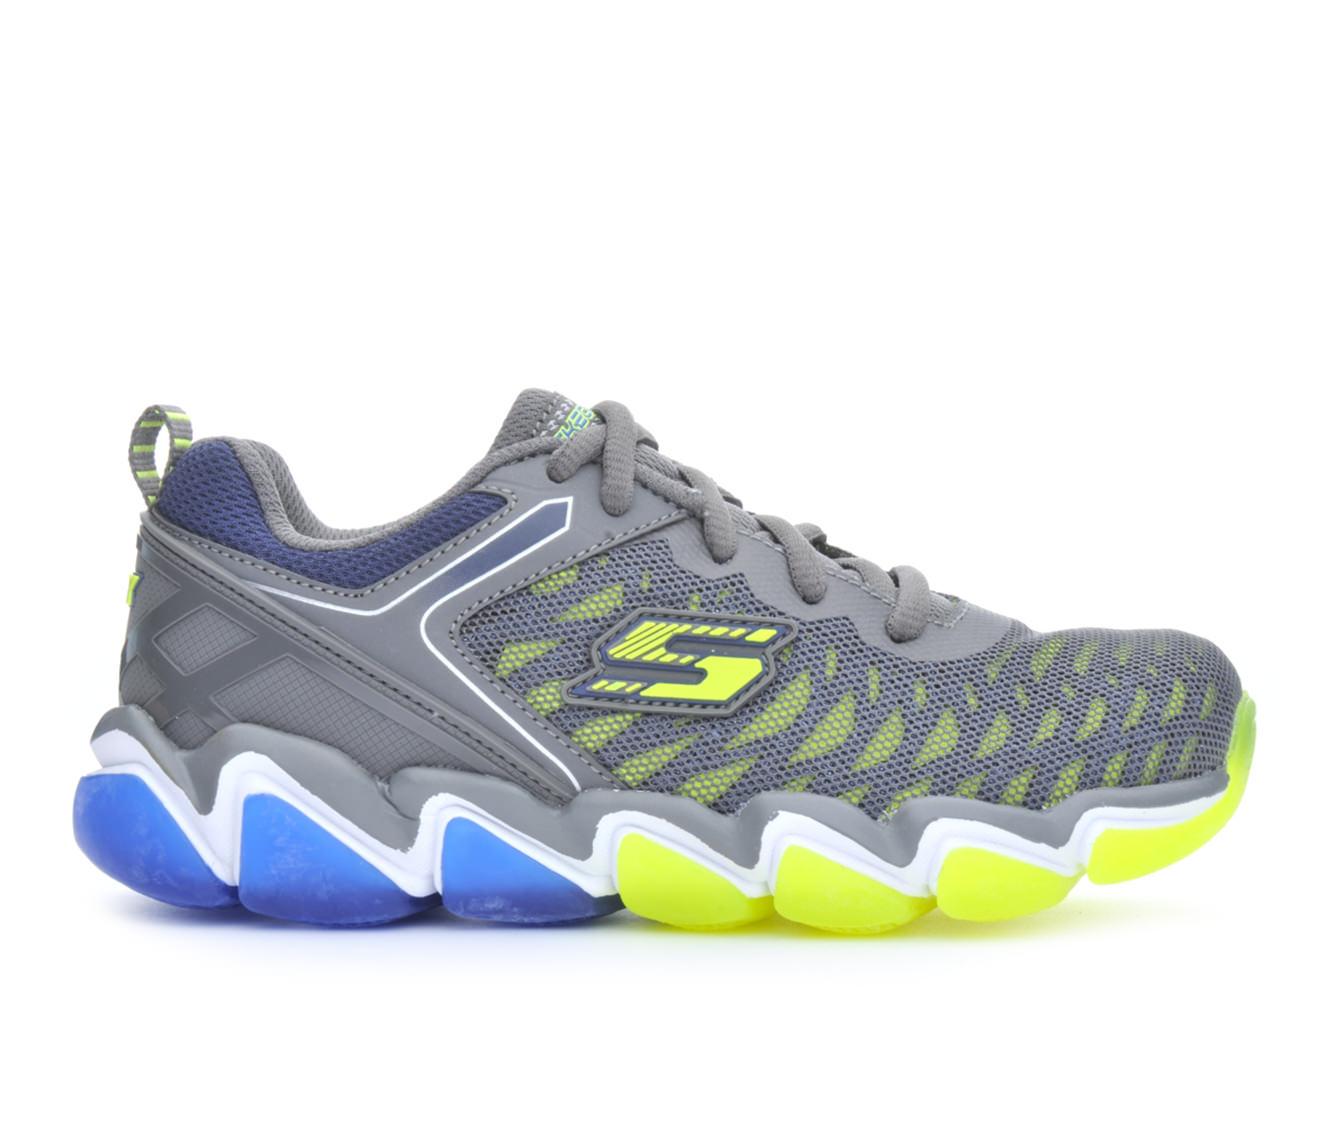 Boys' Skechers Skech-Air 3.0- Downplay Running Shoes (Grey)